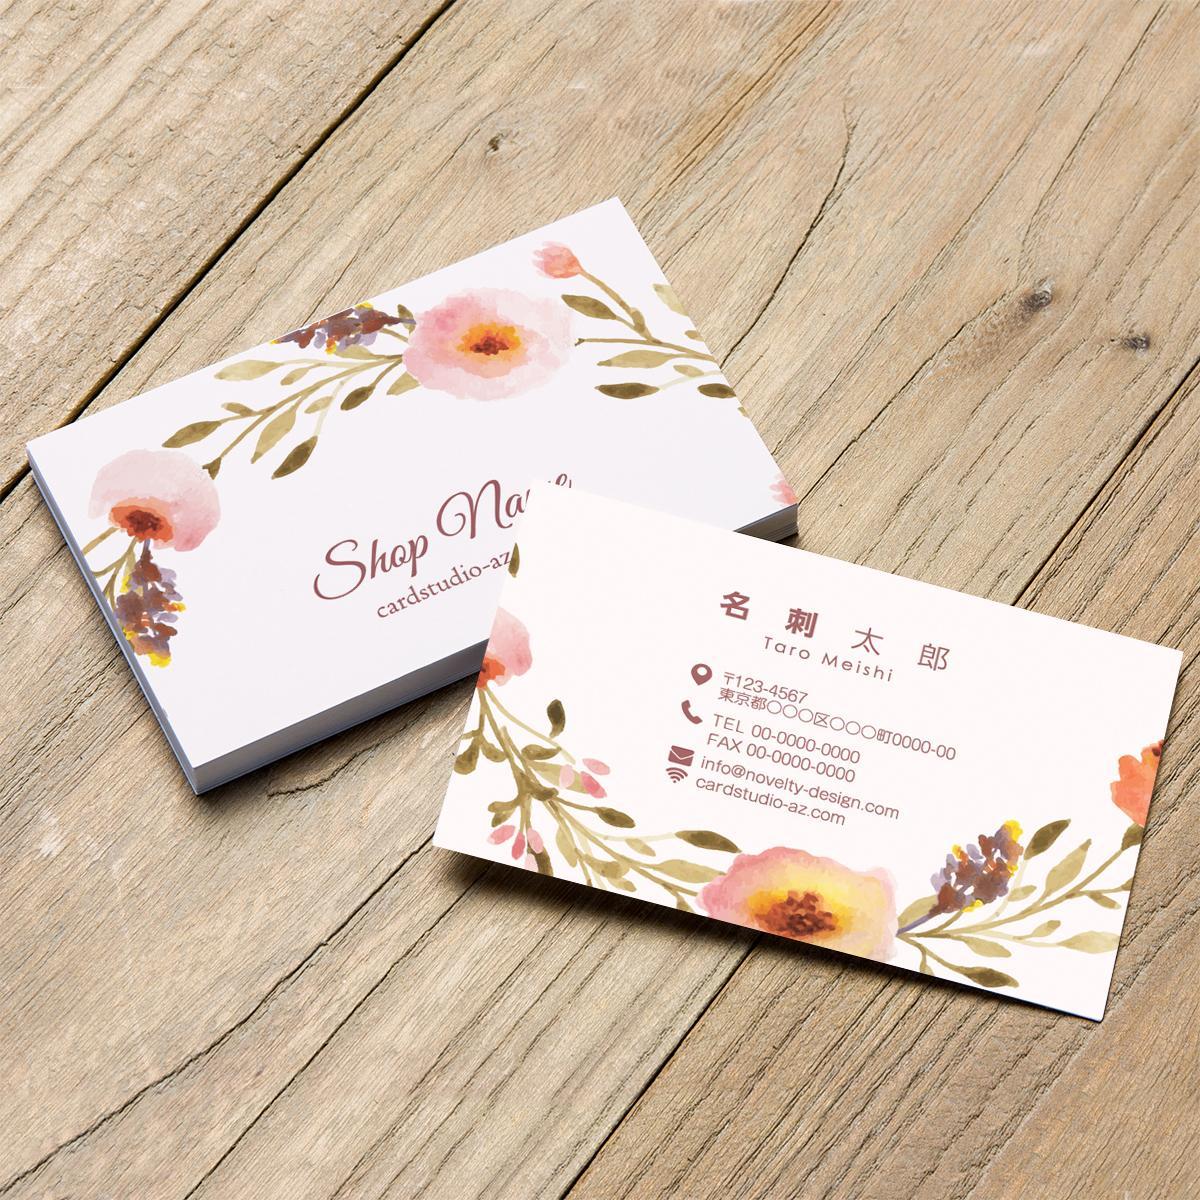 名刺orショップカードをご納得頂けるまで作成します 修正無制限!商業用オフセット印刷機にて100枚印刷込み!